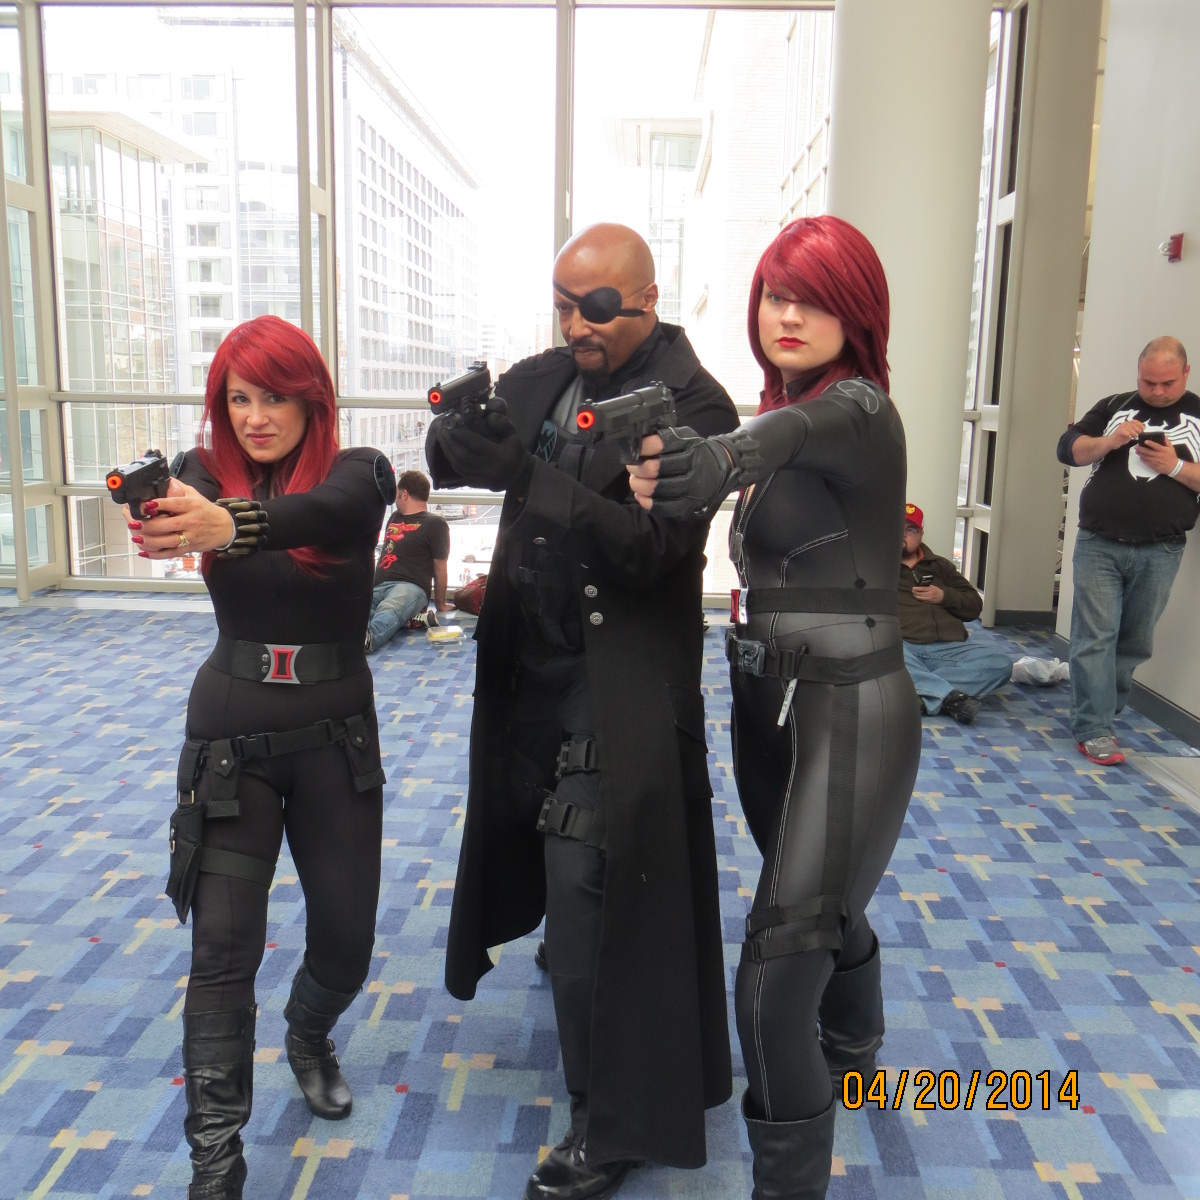 Teresa Holt, Black Widow (l), Eric Brooks, Nick Fury (r)